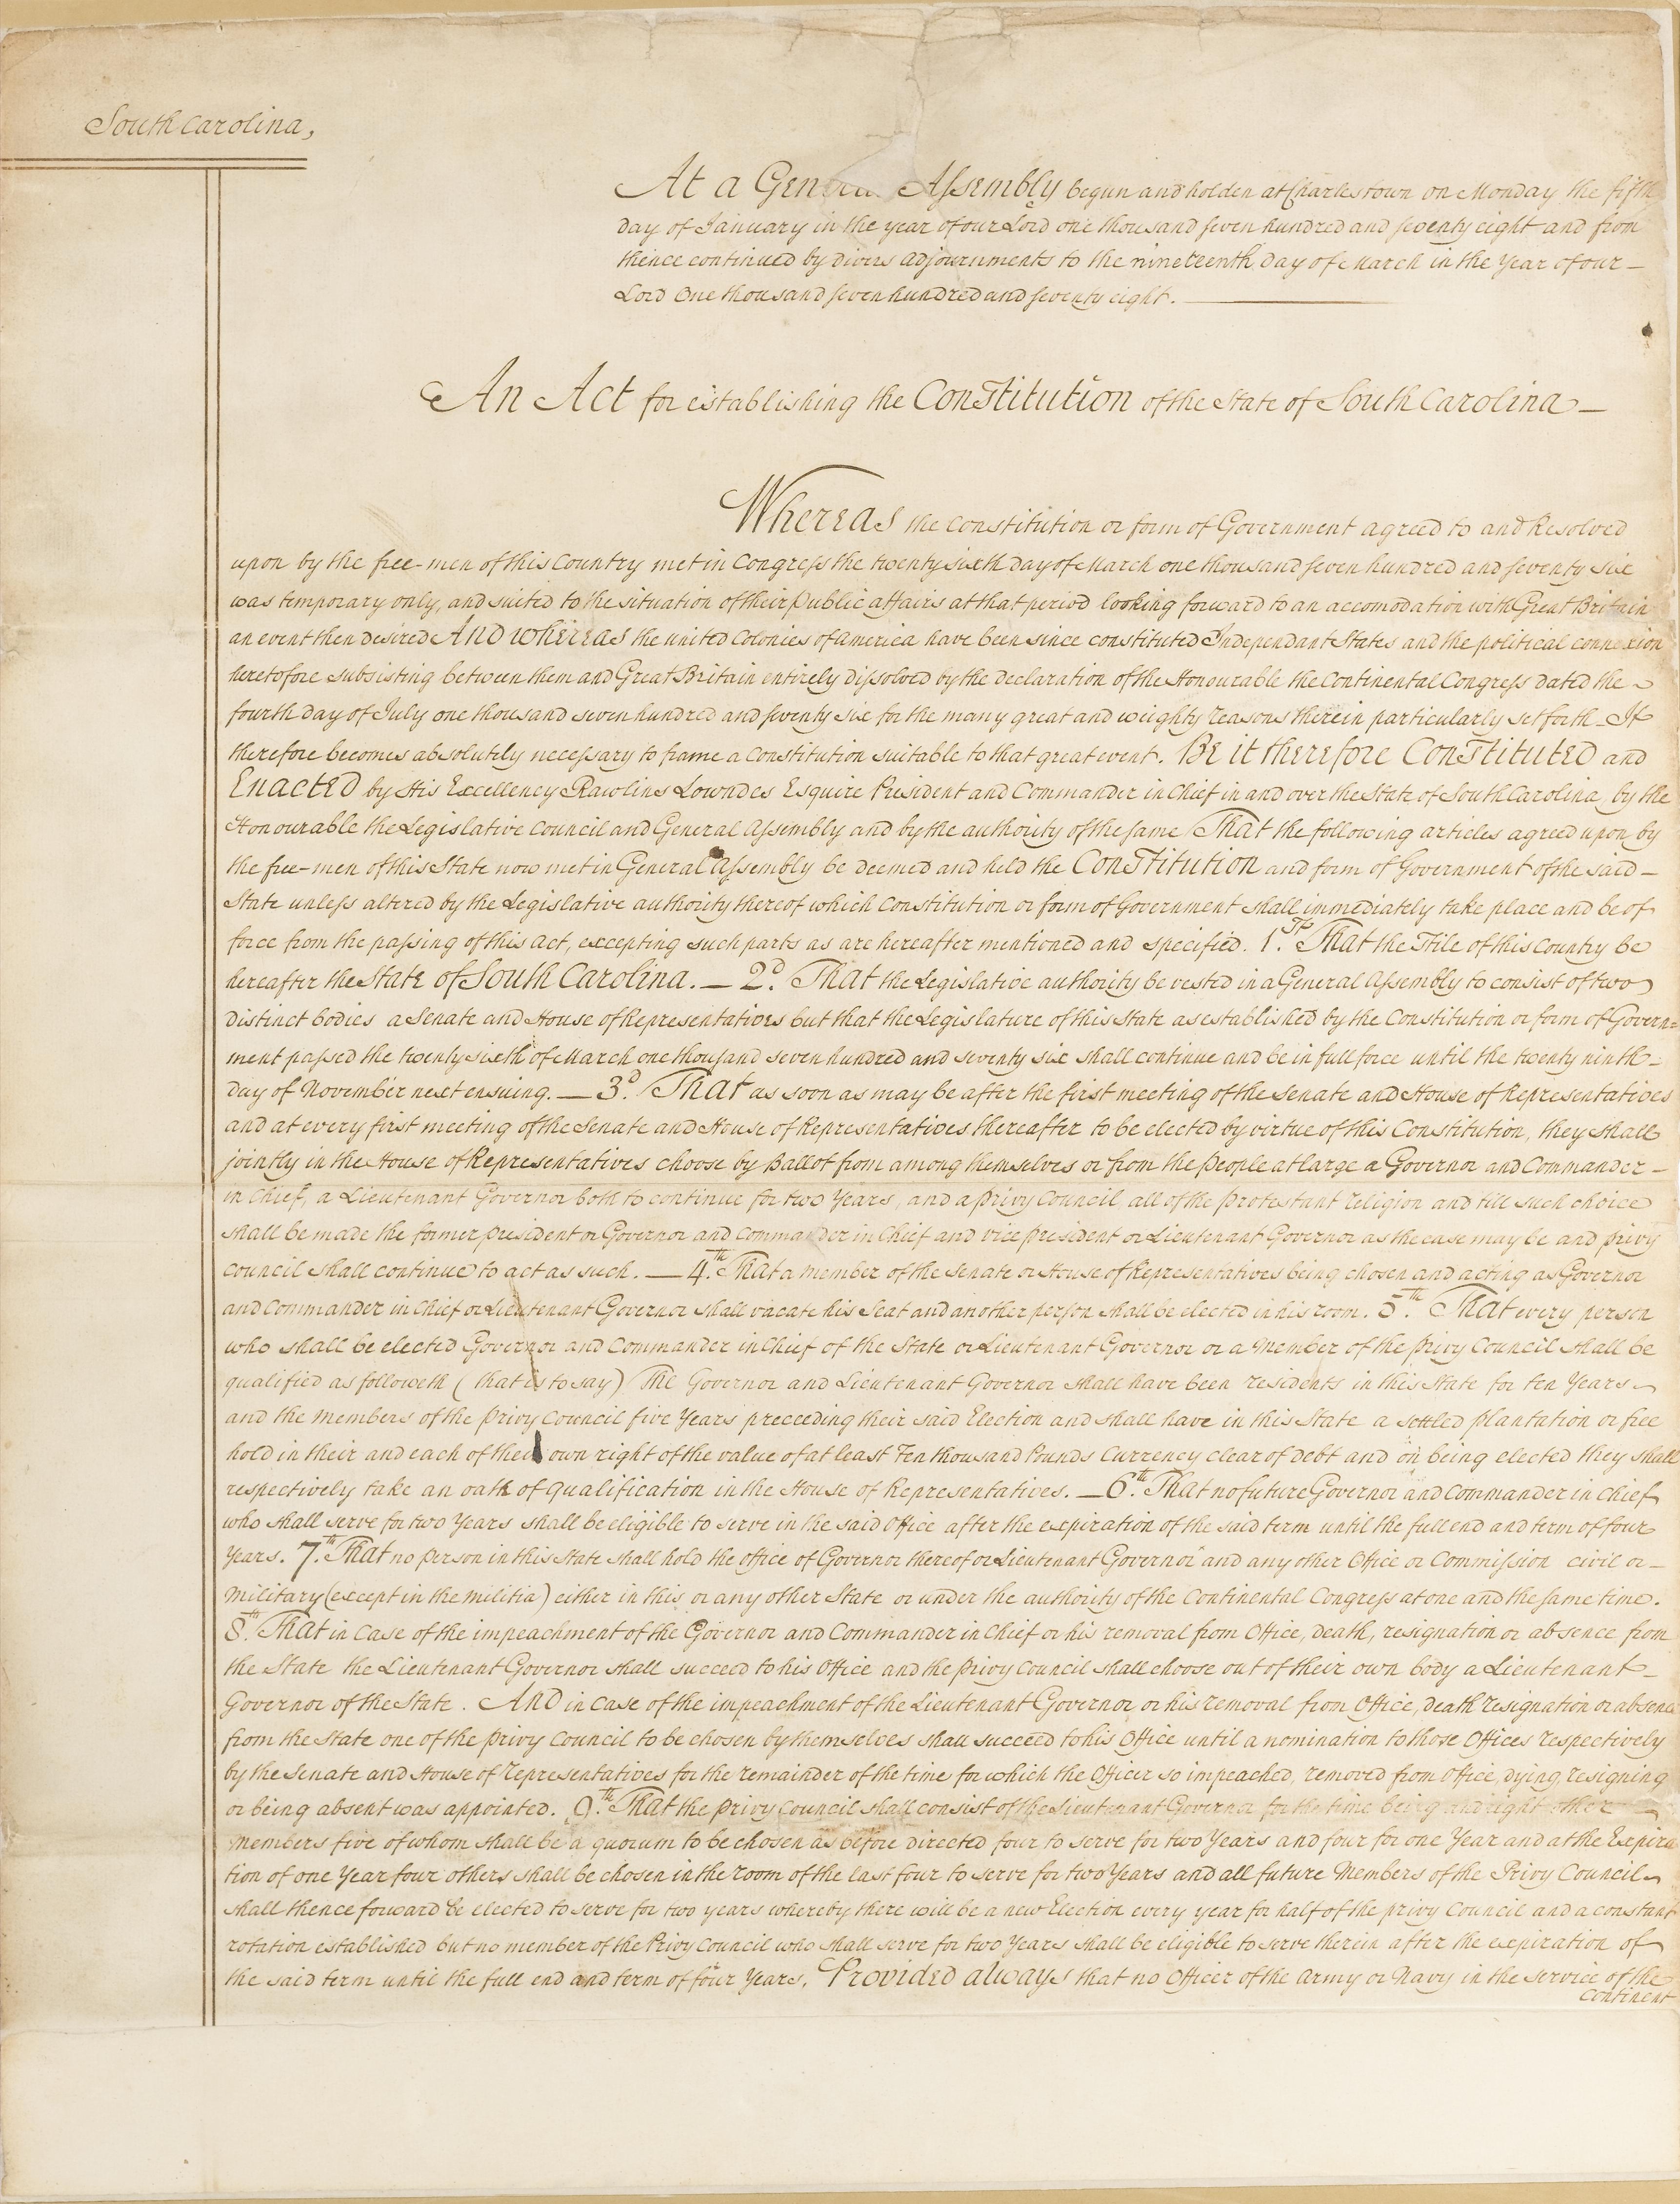 Constitution of 1778